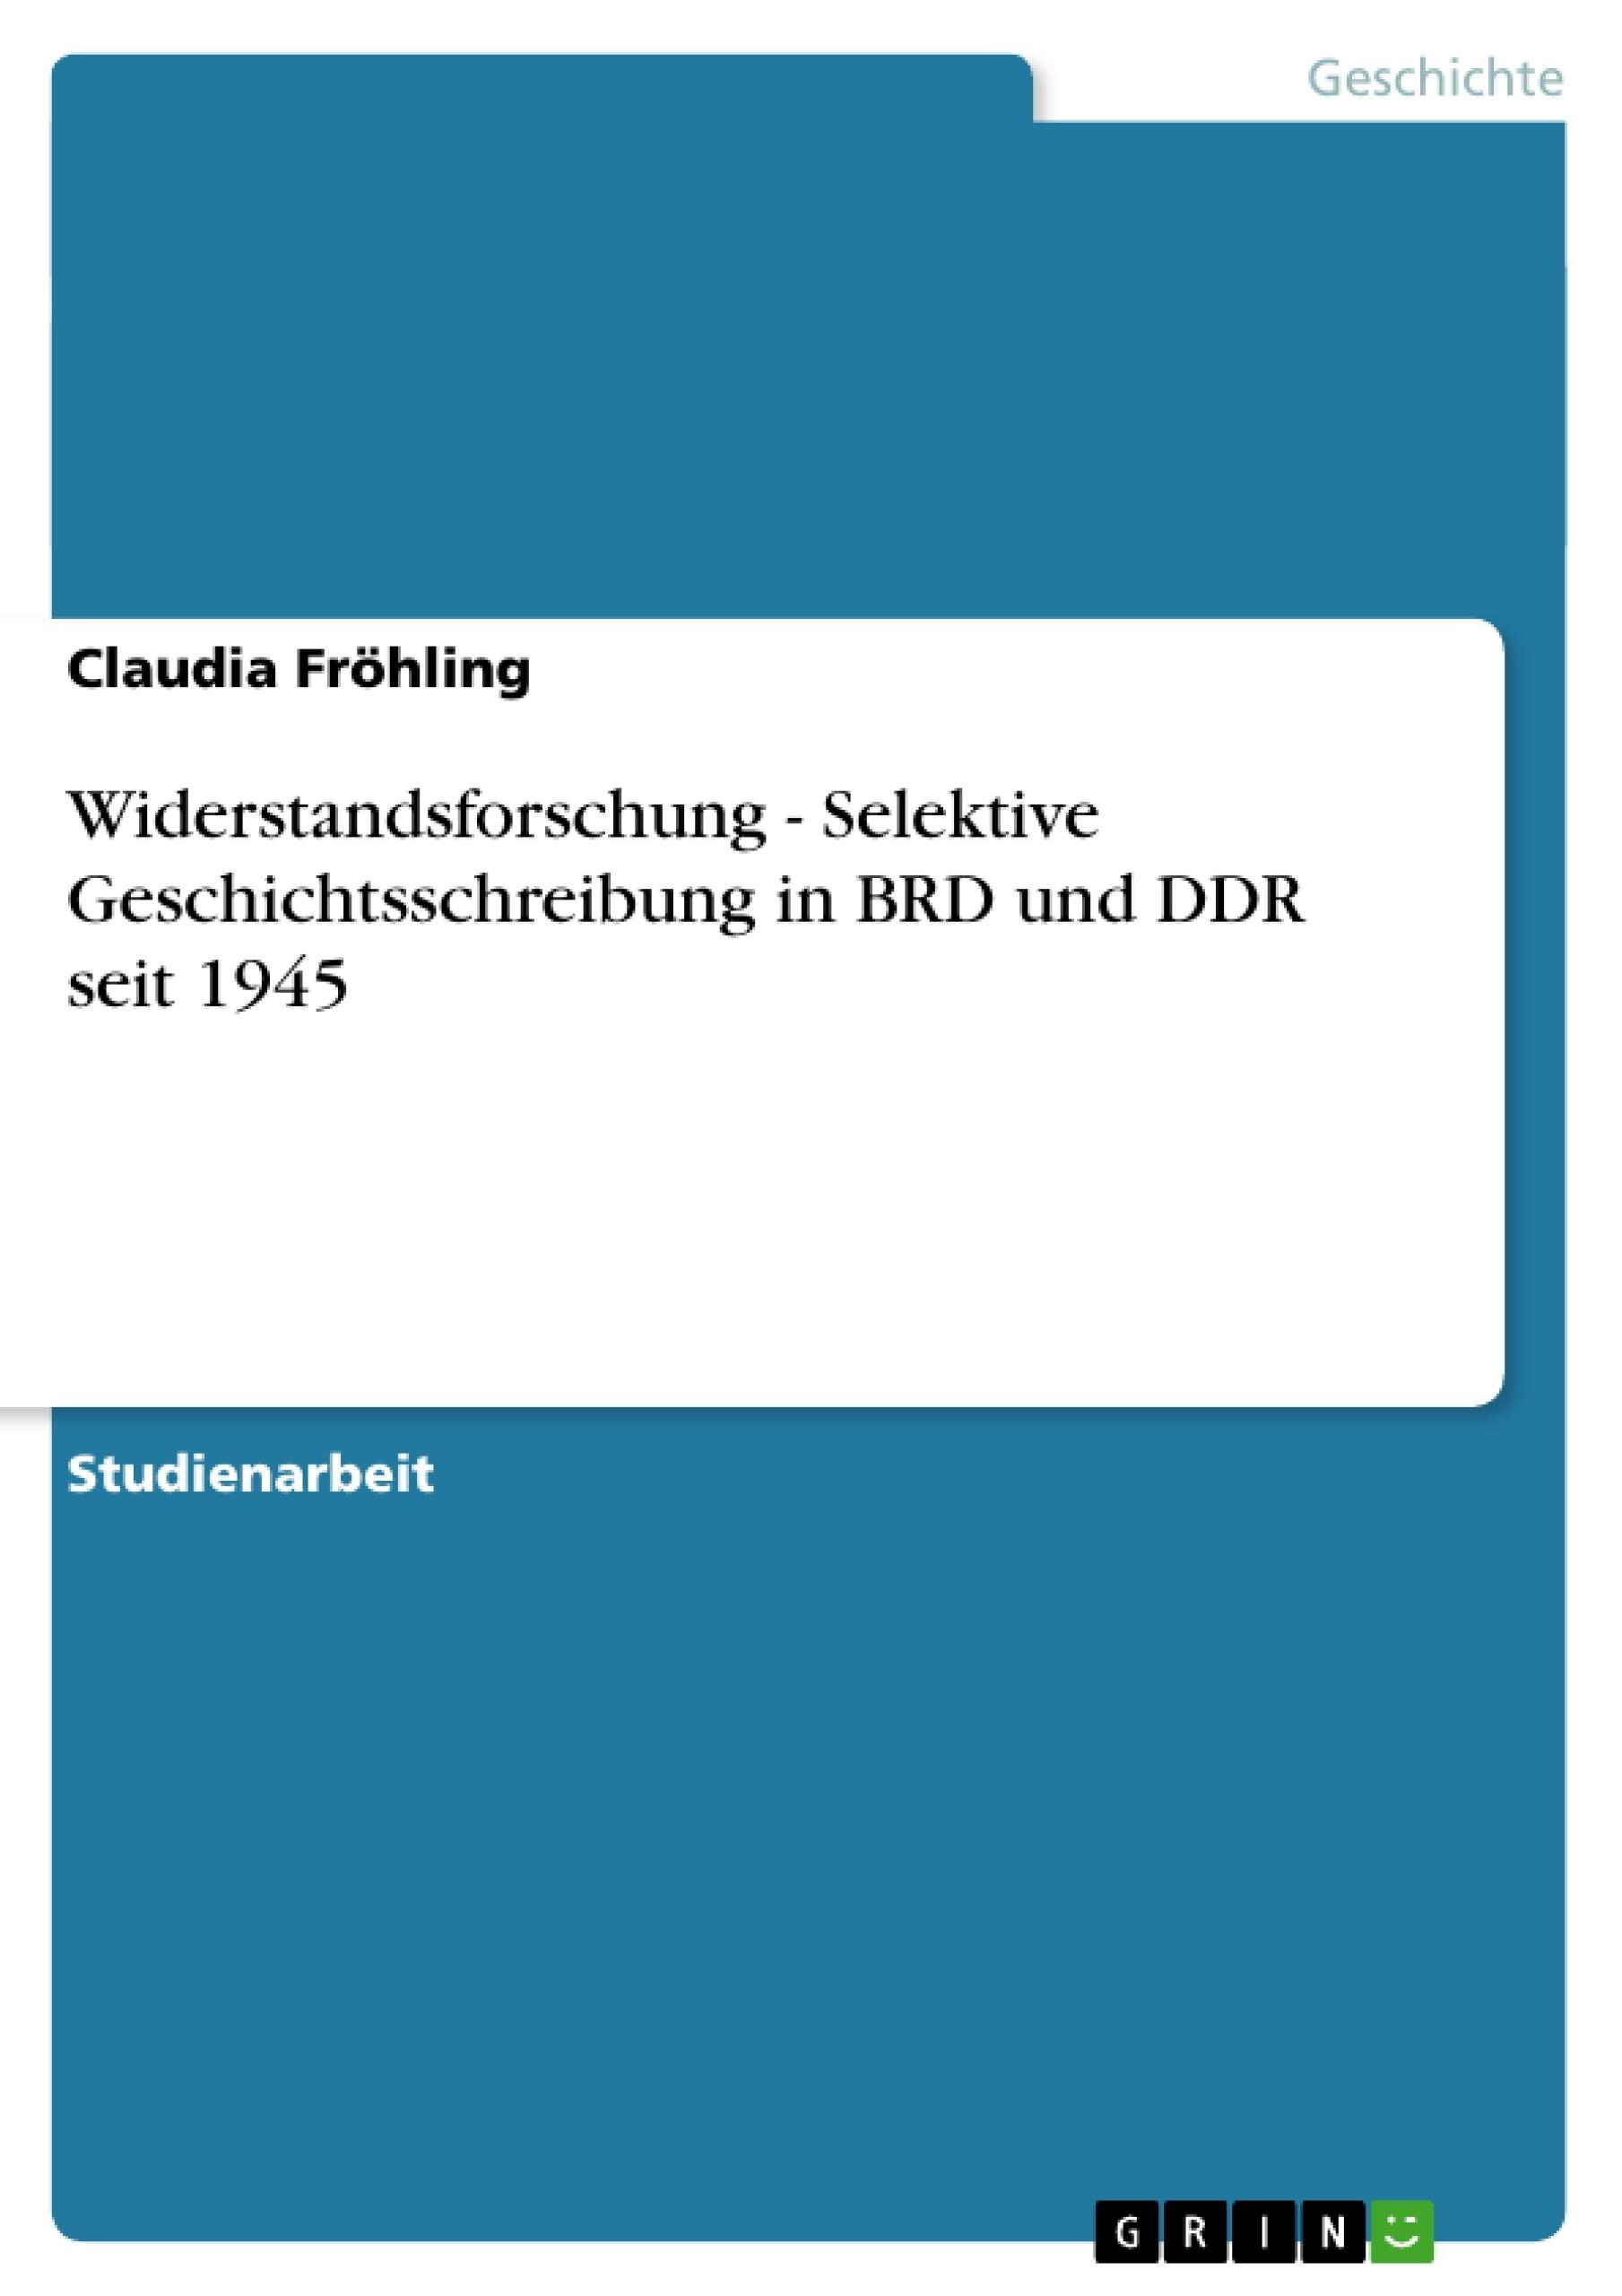 Titel: Widerstandsforschung - Selektive Geschichtsschreibung in BRD und DDR seit 1945